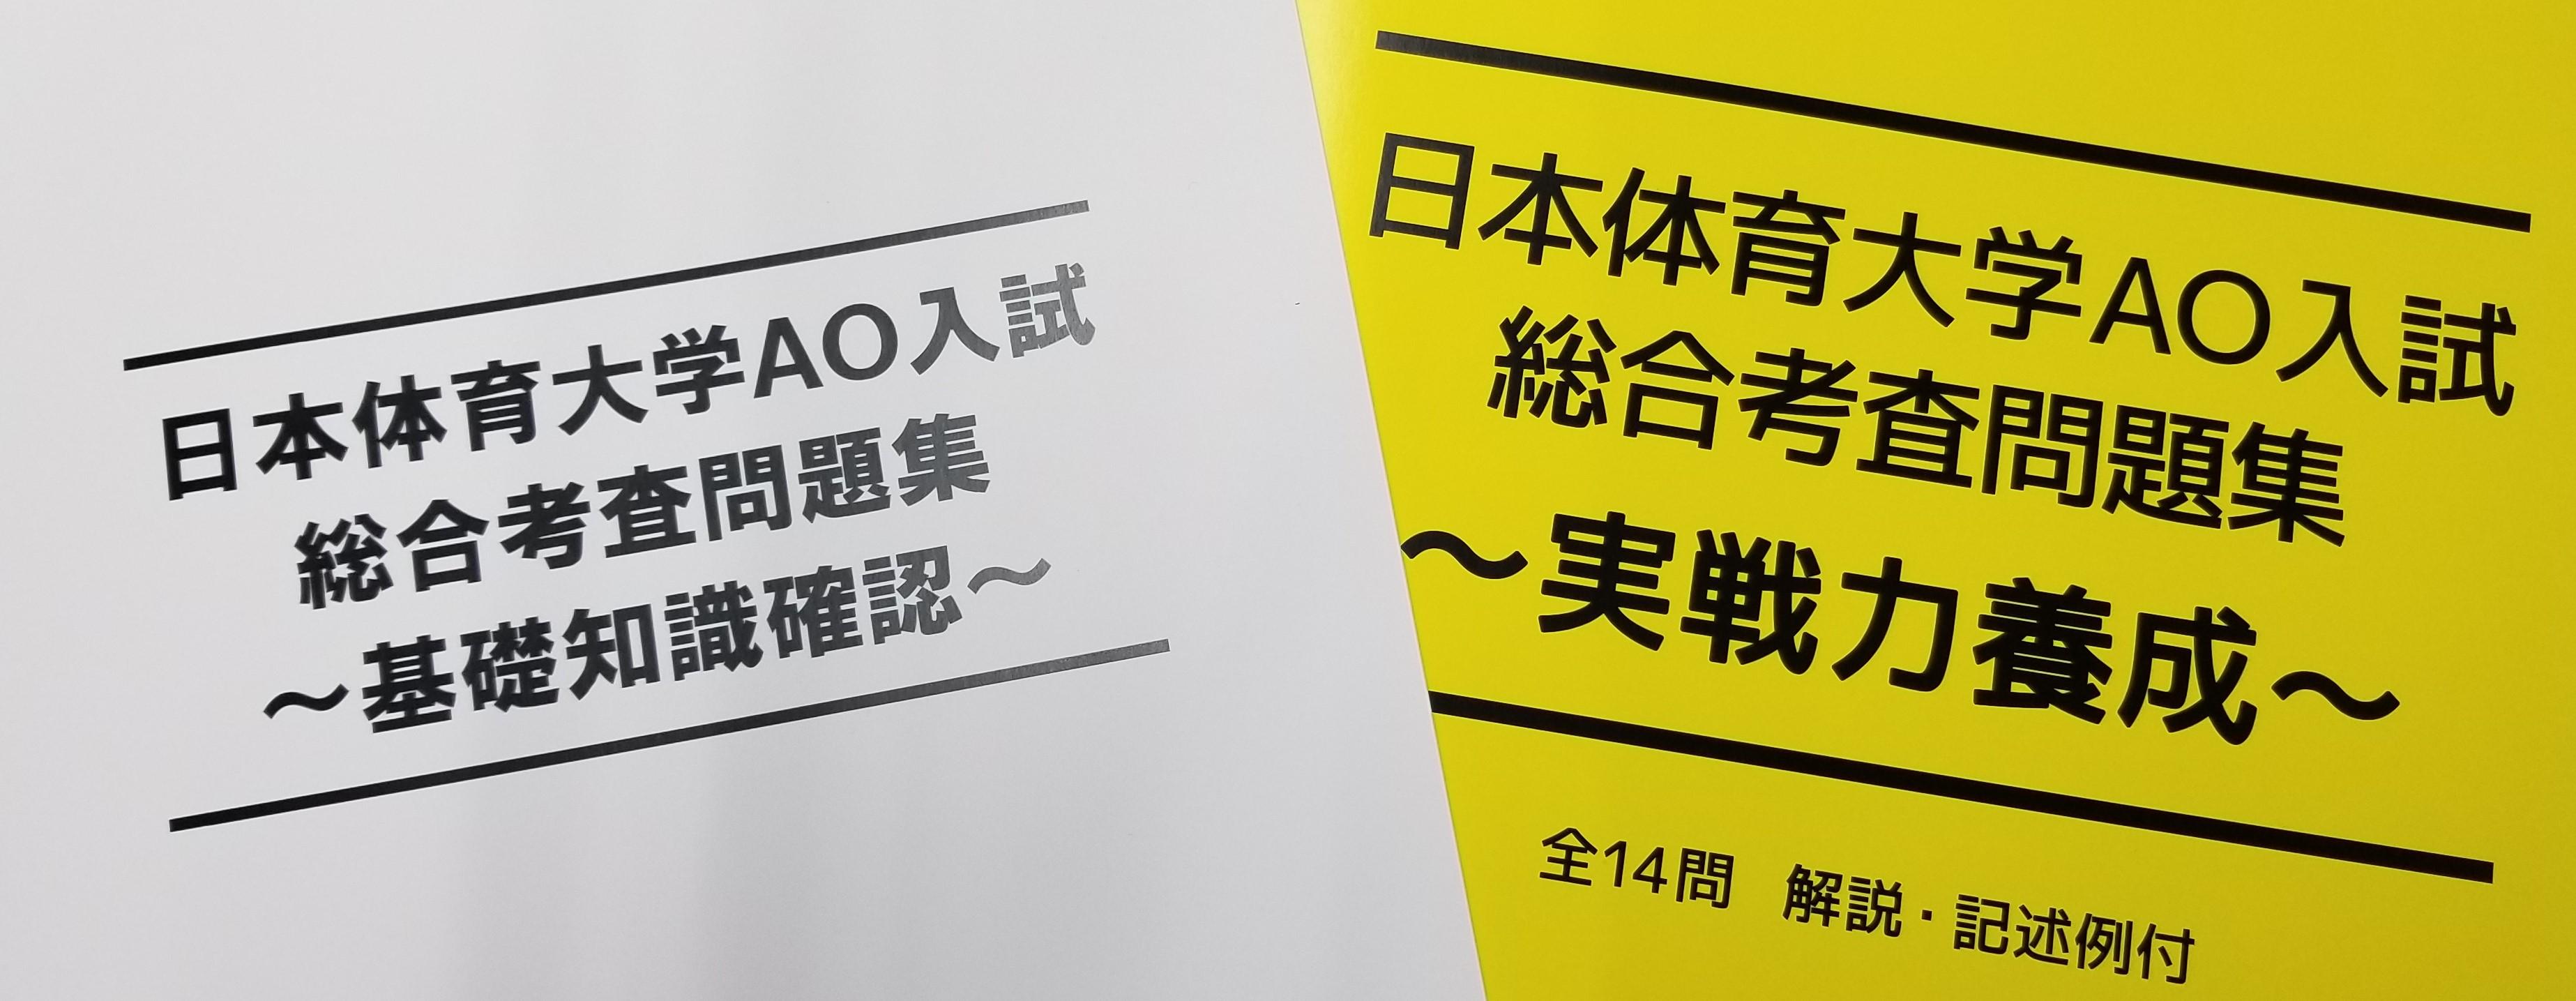 日本体育大学AO入試総合考査問題集